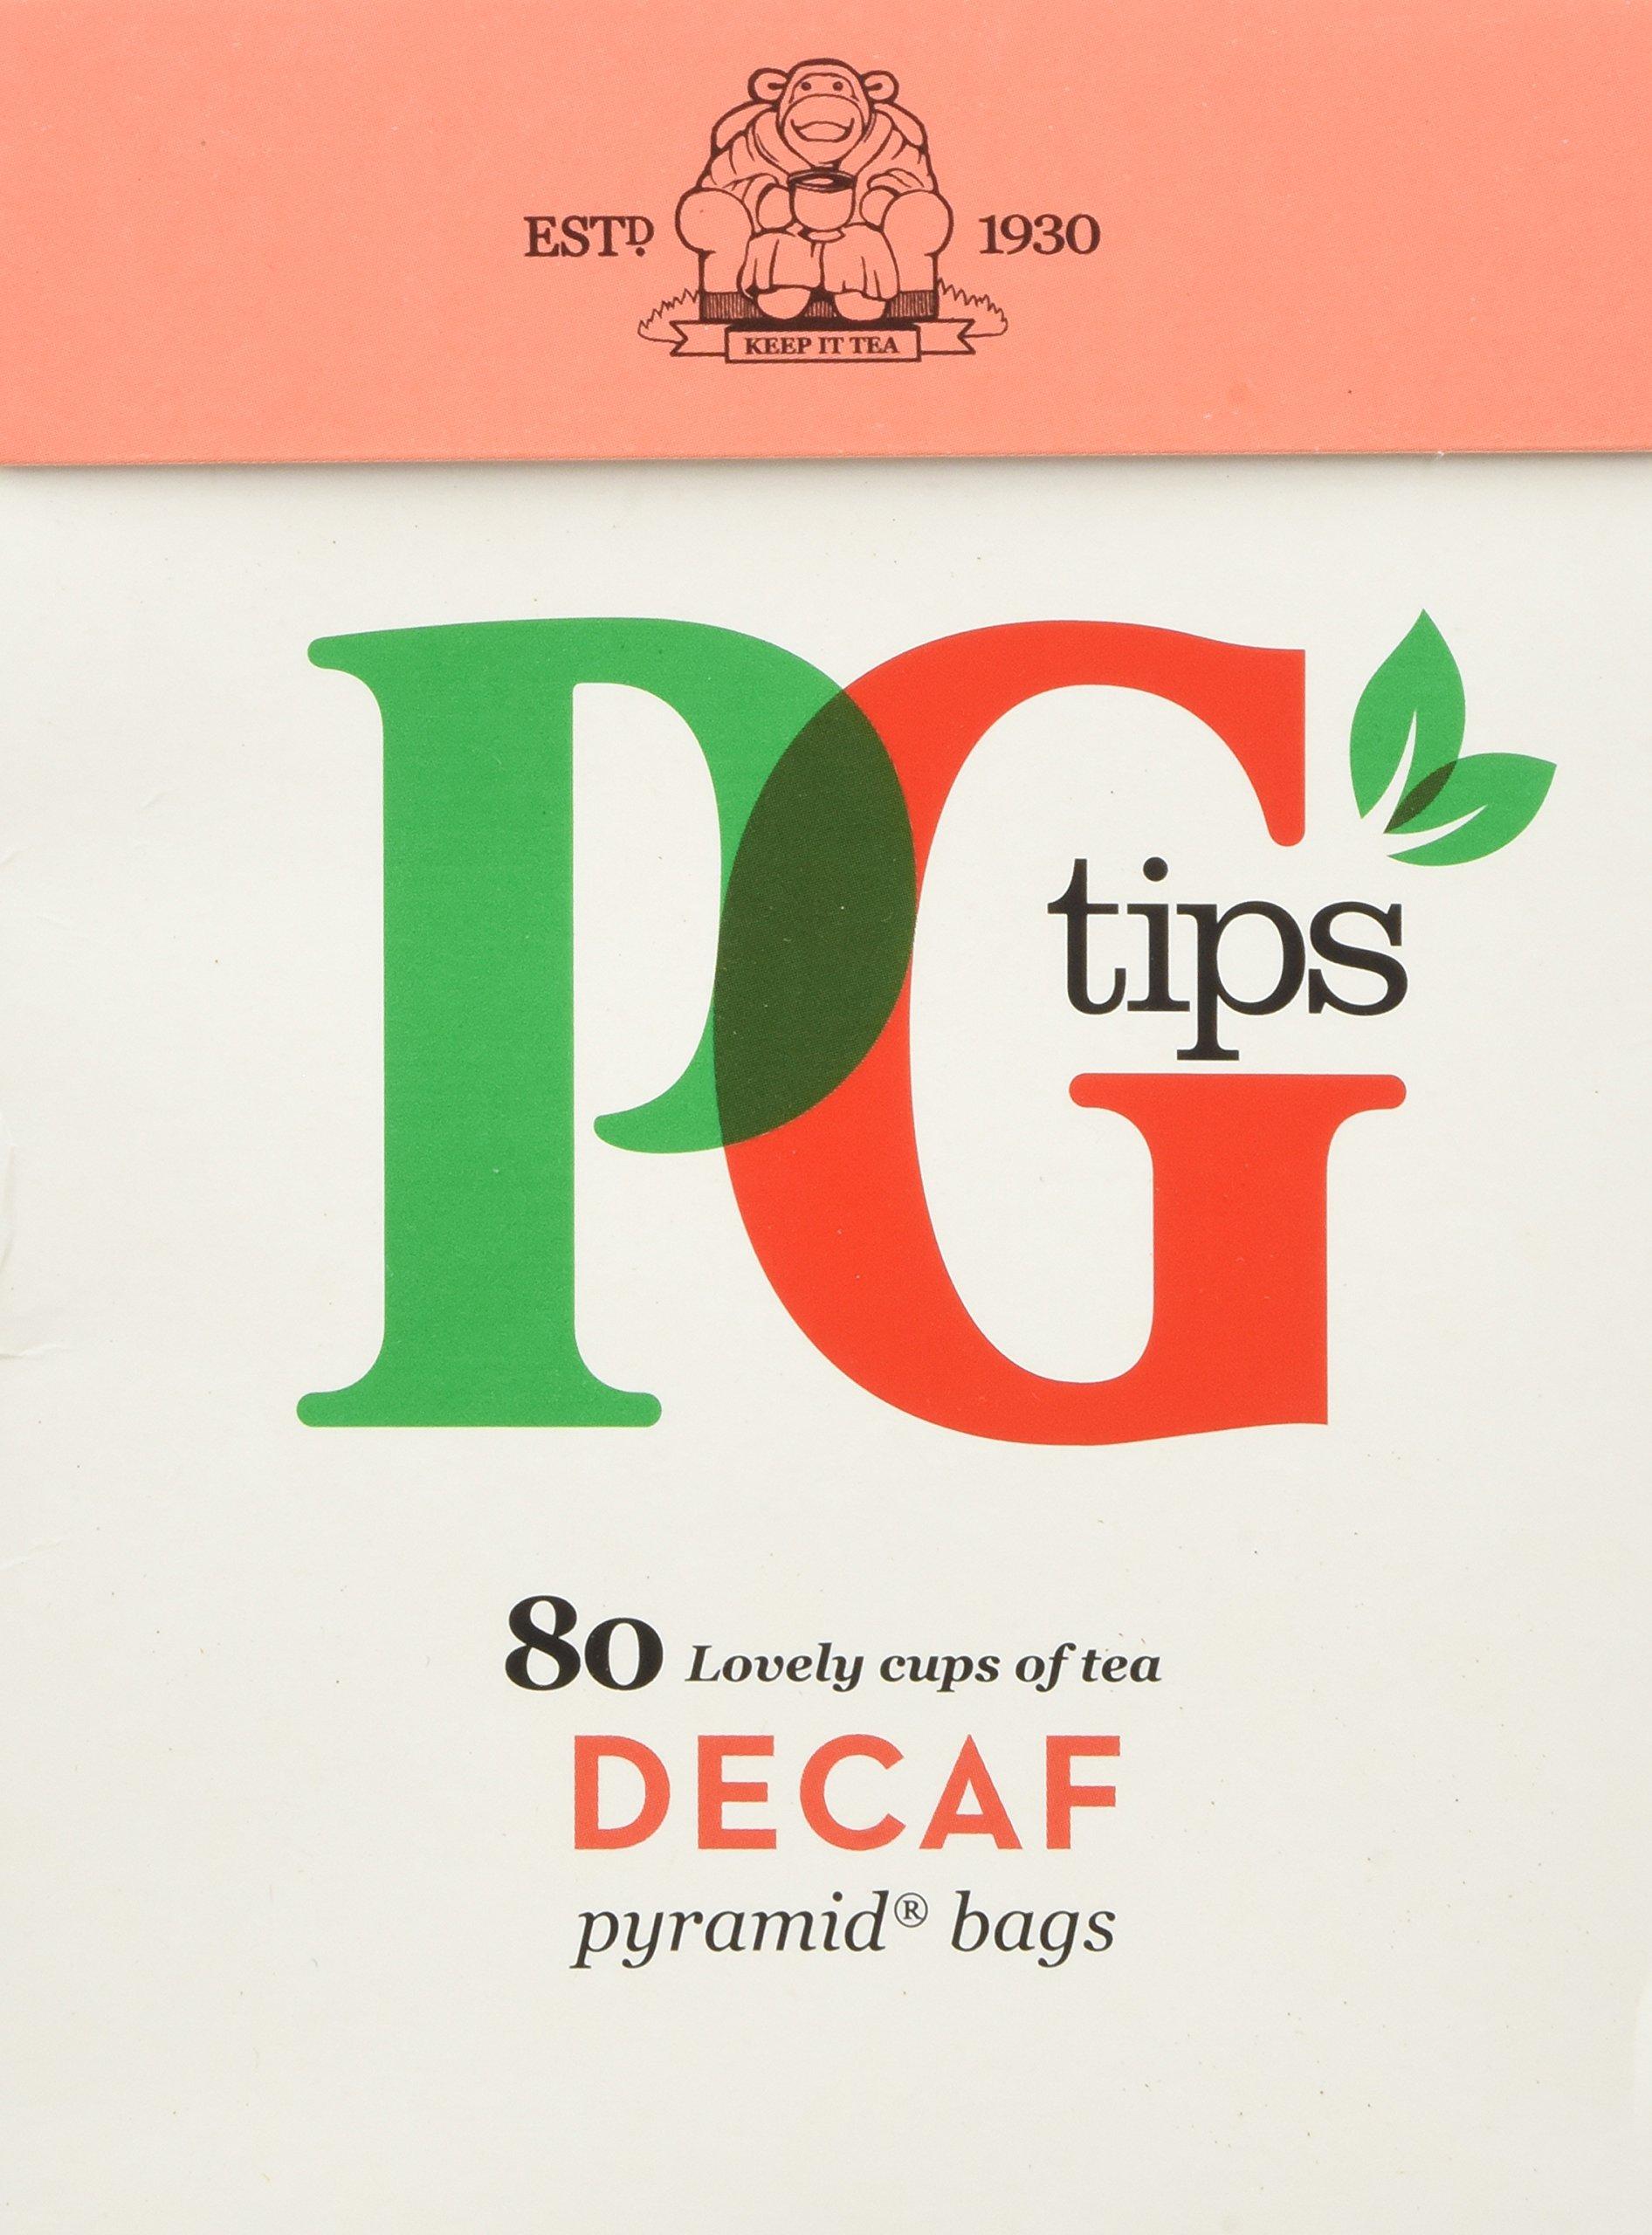 PG Tips Decaf 80 Ct Tea Bags - 2 Pack